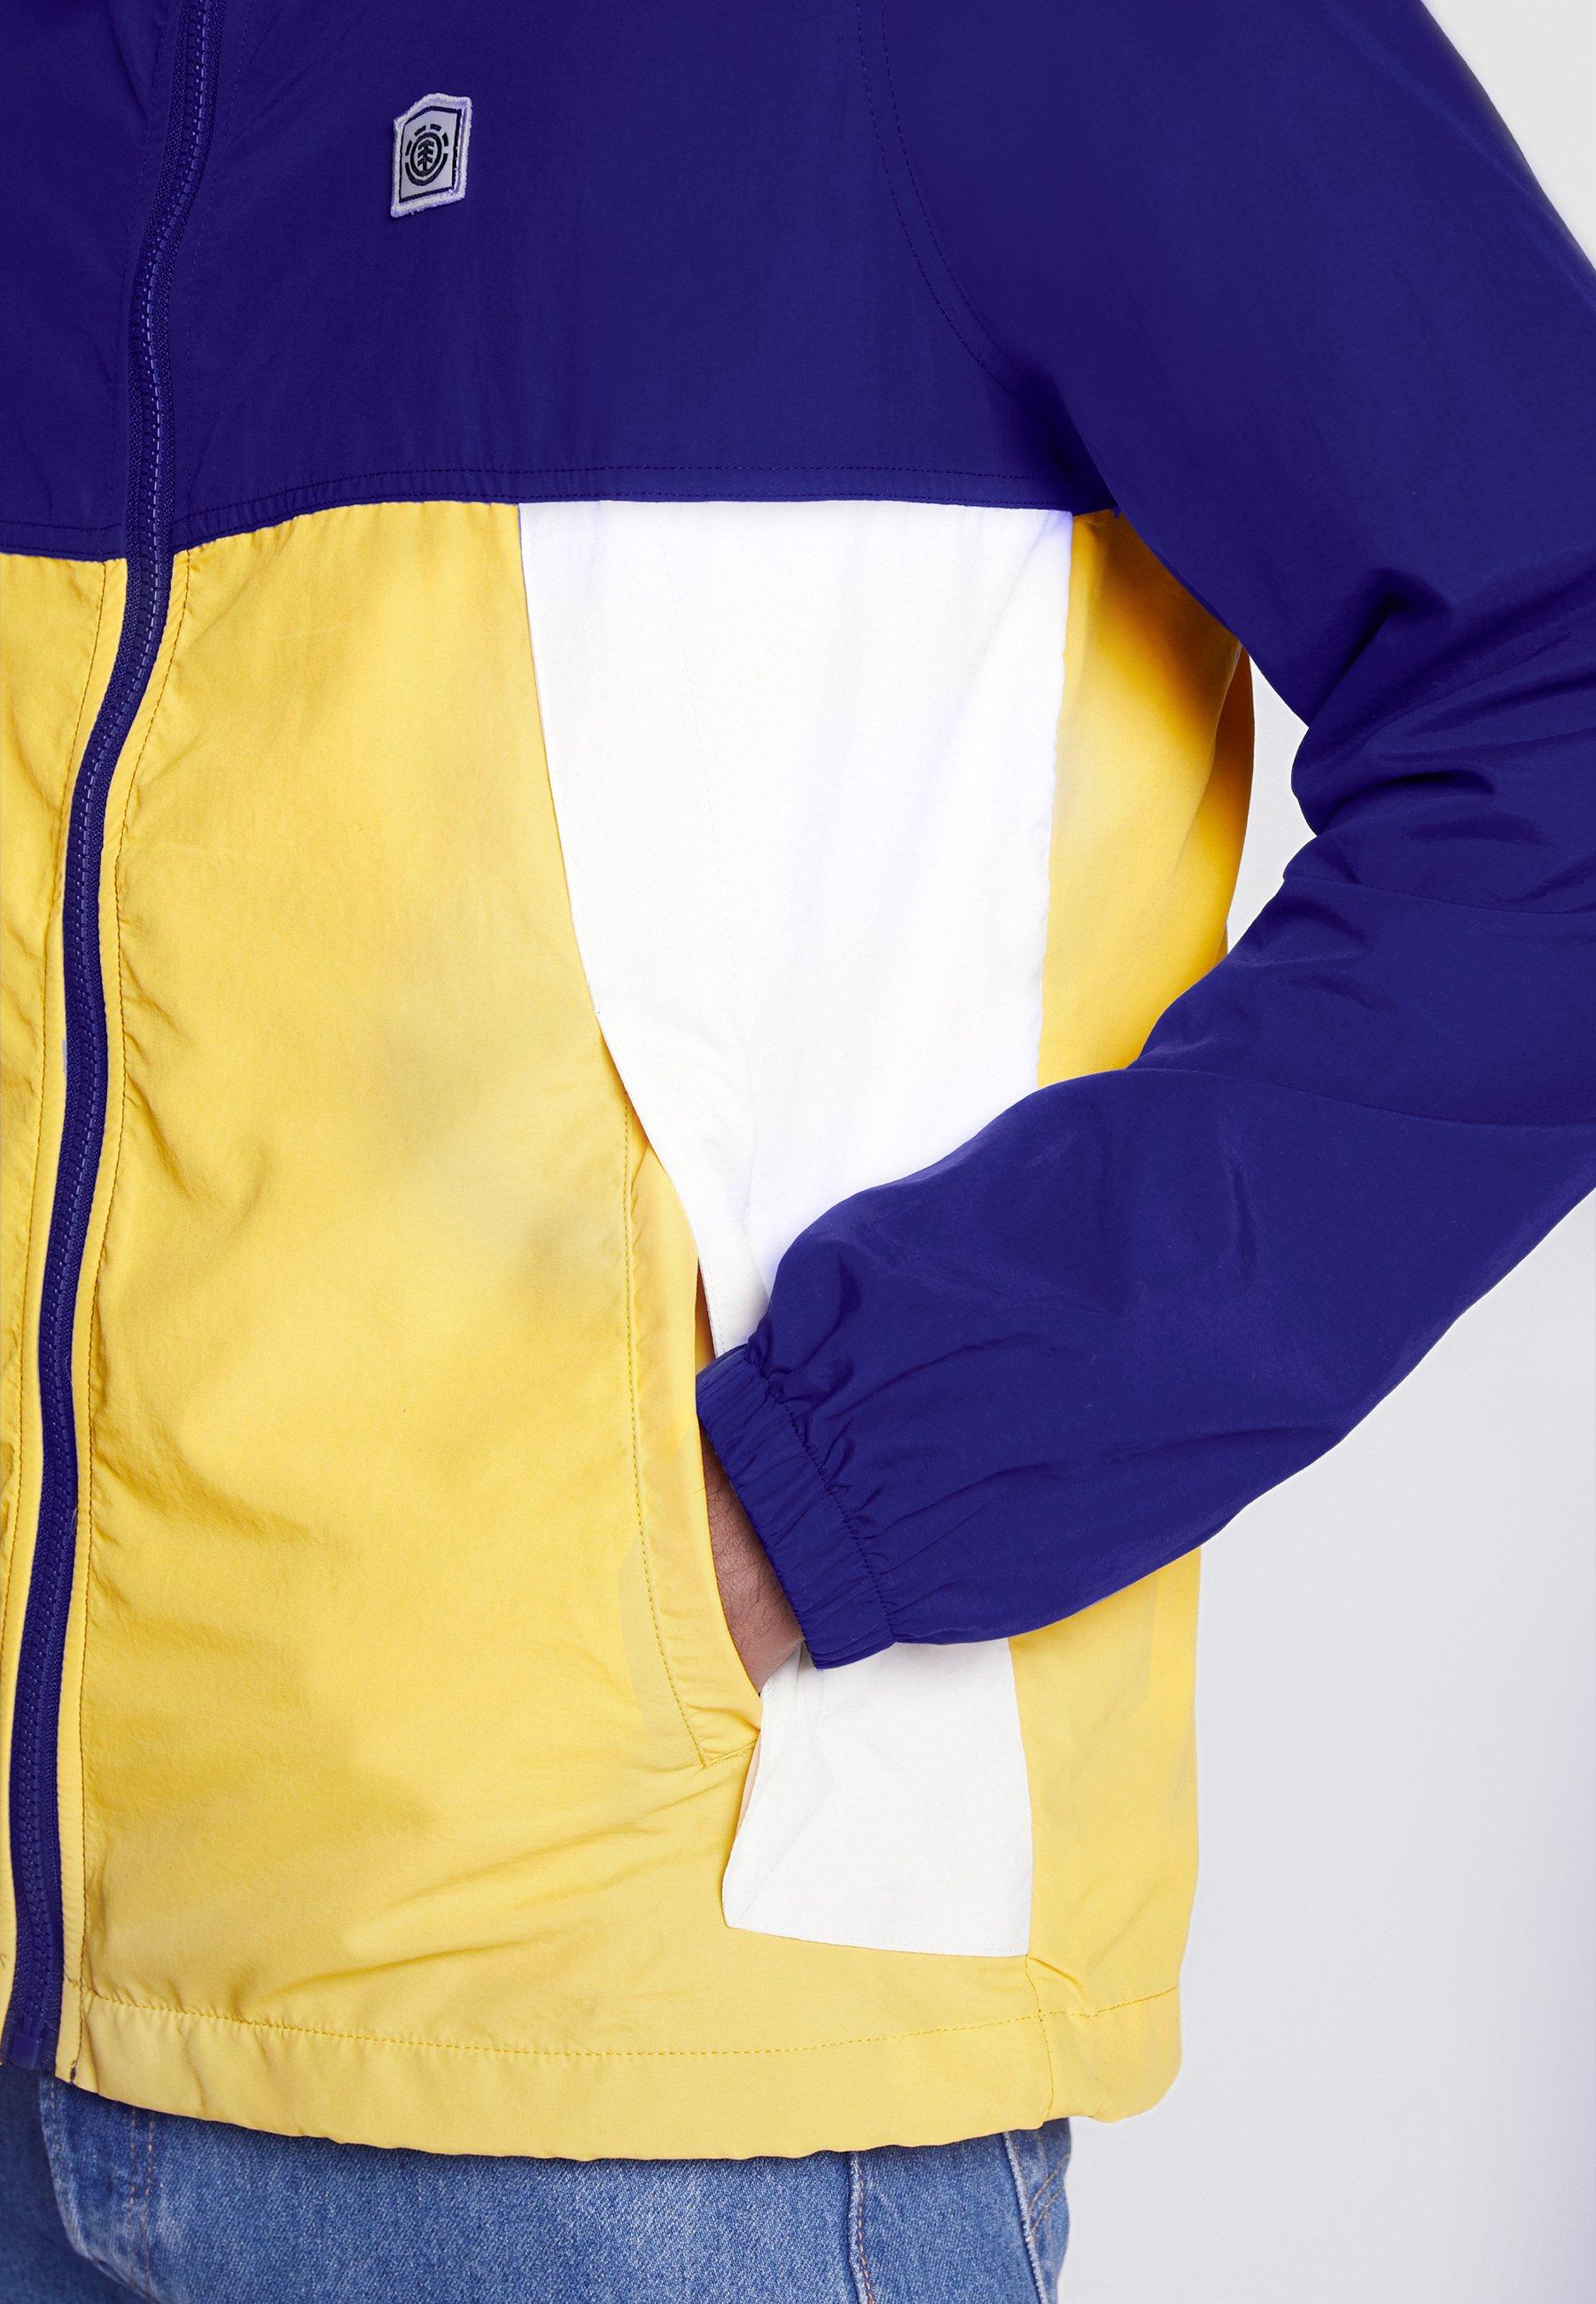 Element Koto - Summer Jacket Indigo UK